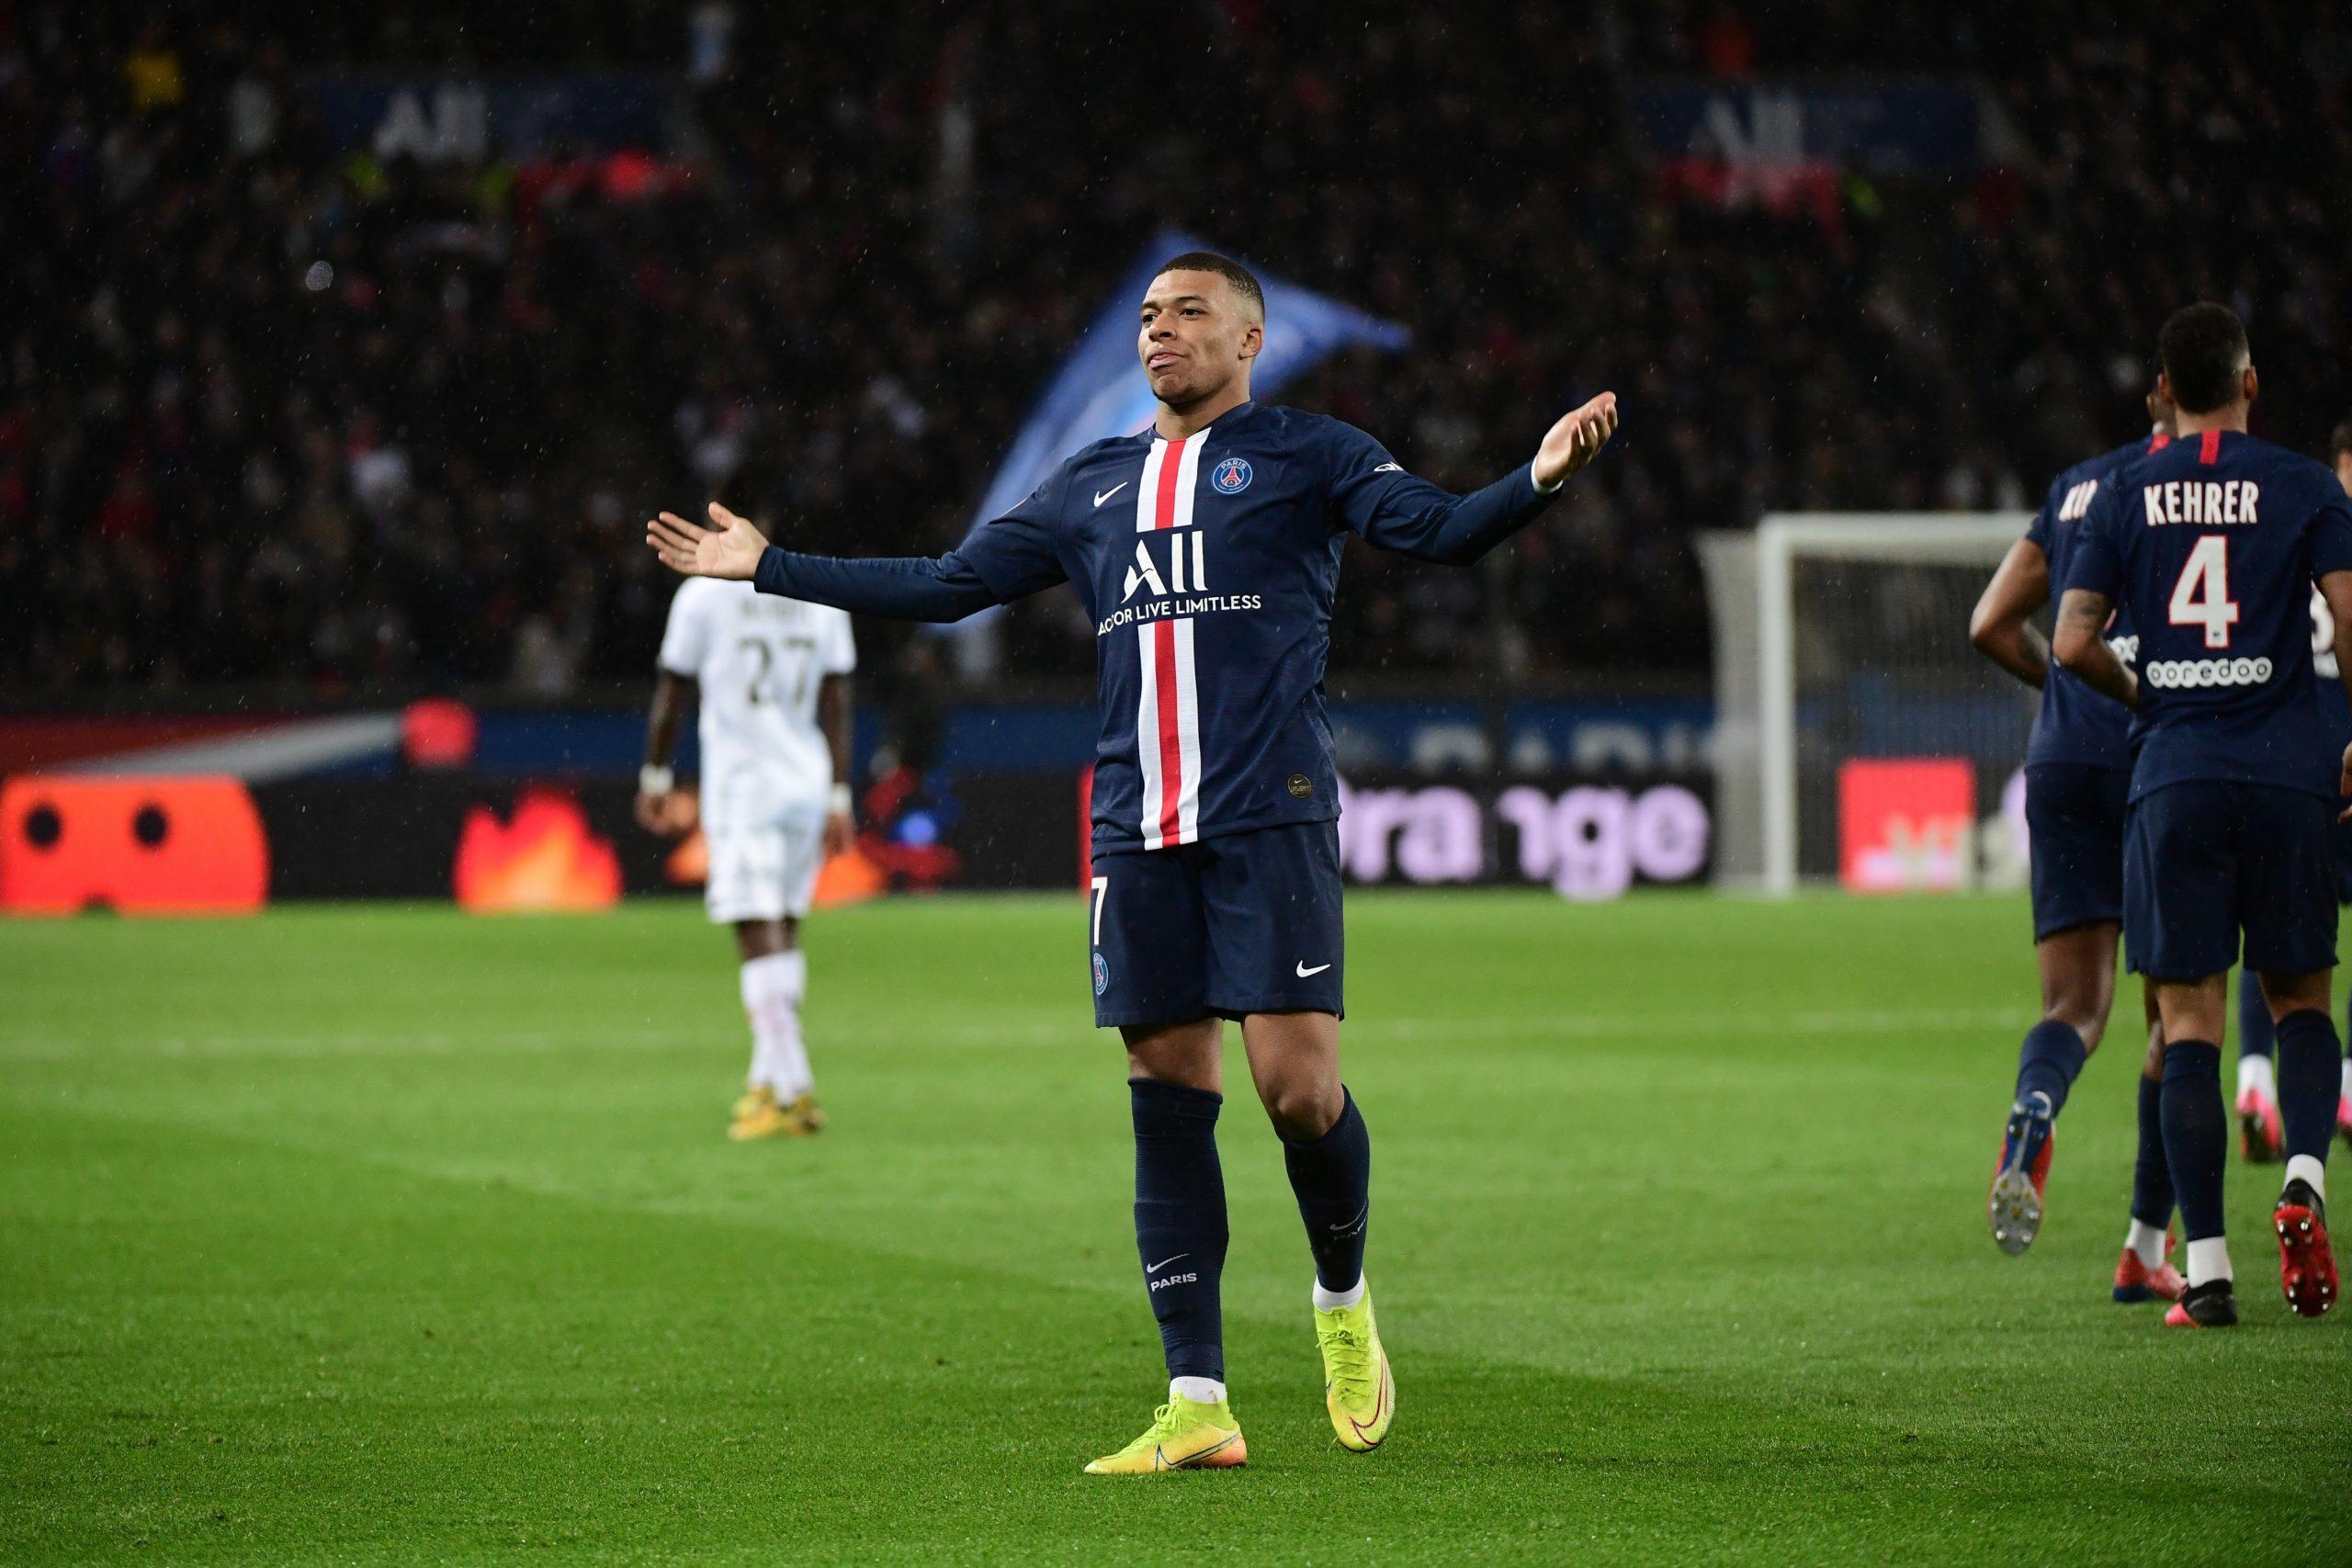 Mercato - L'Equipe évoque la stratégie du Real Madrid pour recruter Mbappé et «un signe encourageant»